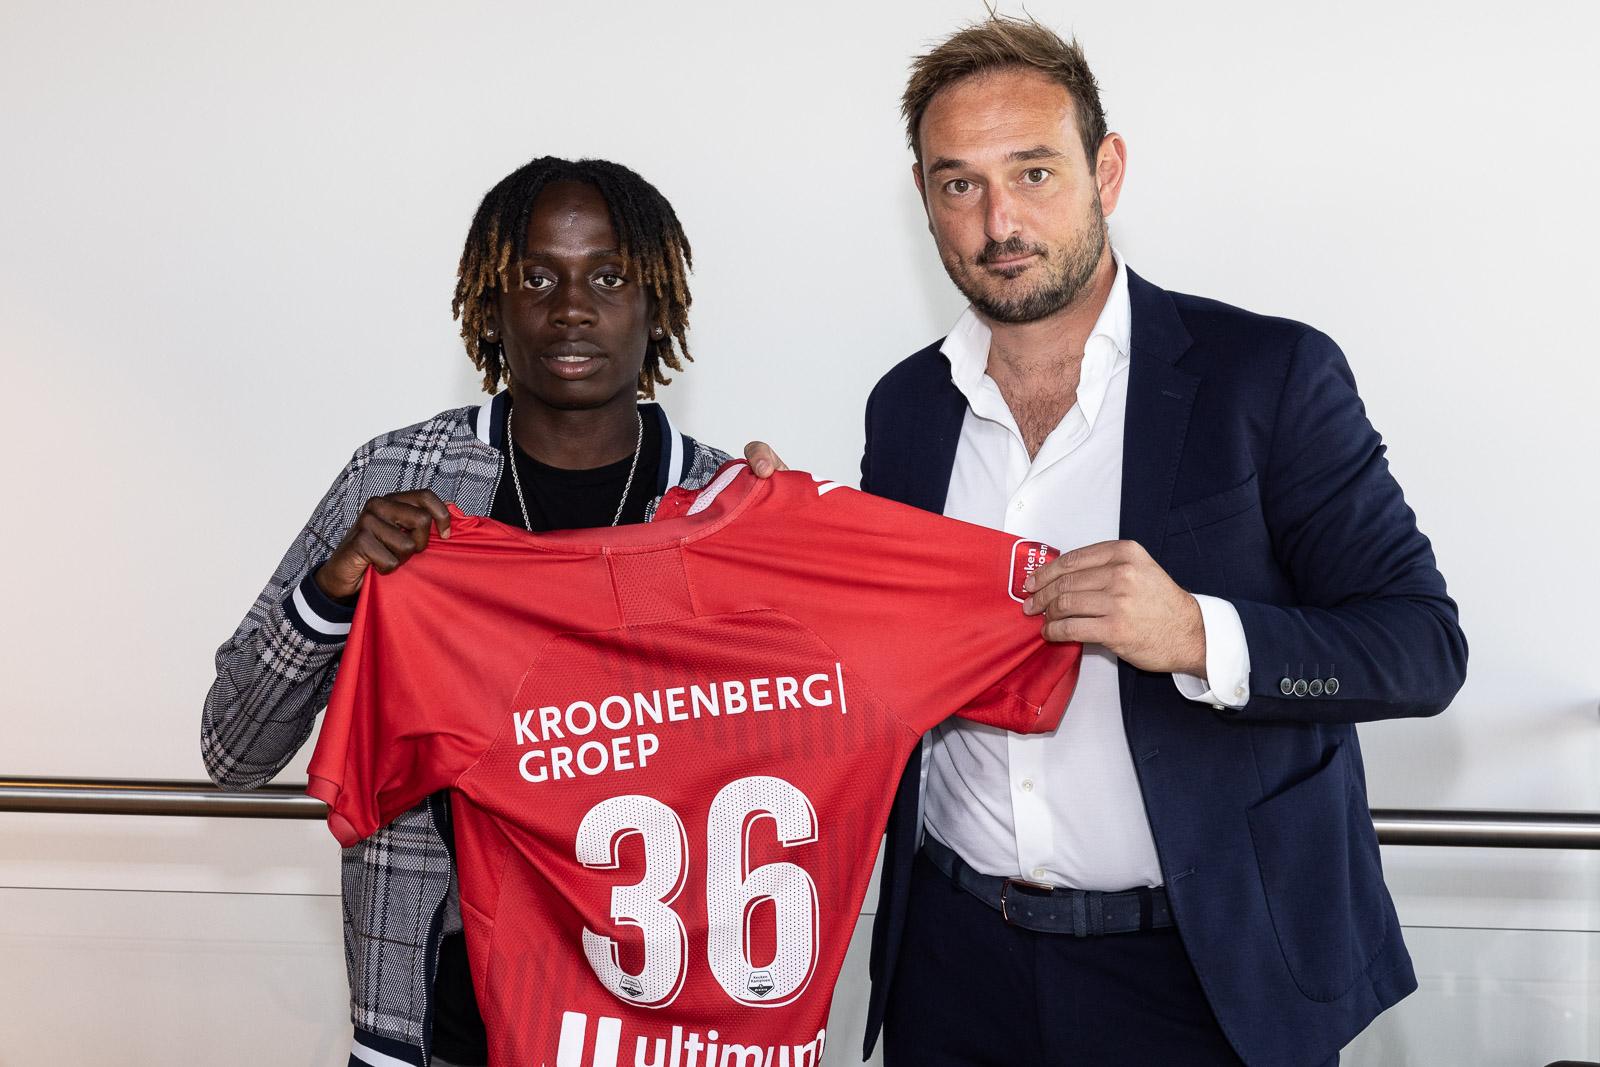 Esajas tekent eerste profcontract bij Almere City FC